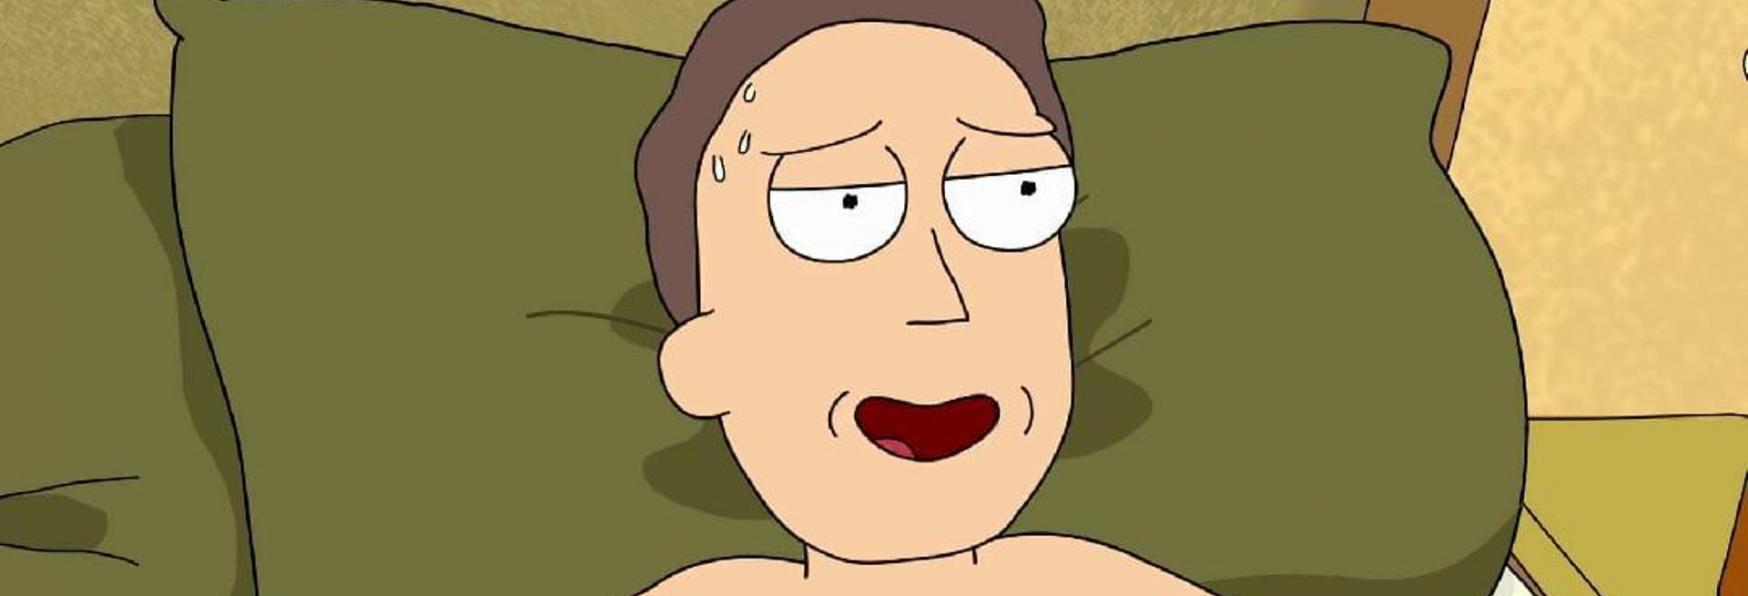 Rick and Morty 5: la nuova Stagione esplorerà la Vita Sessuale di Jerry e Beth